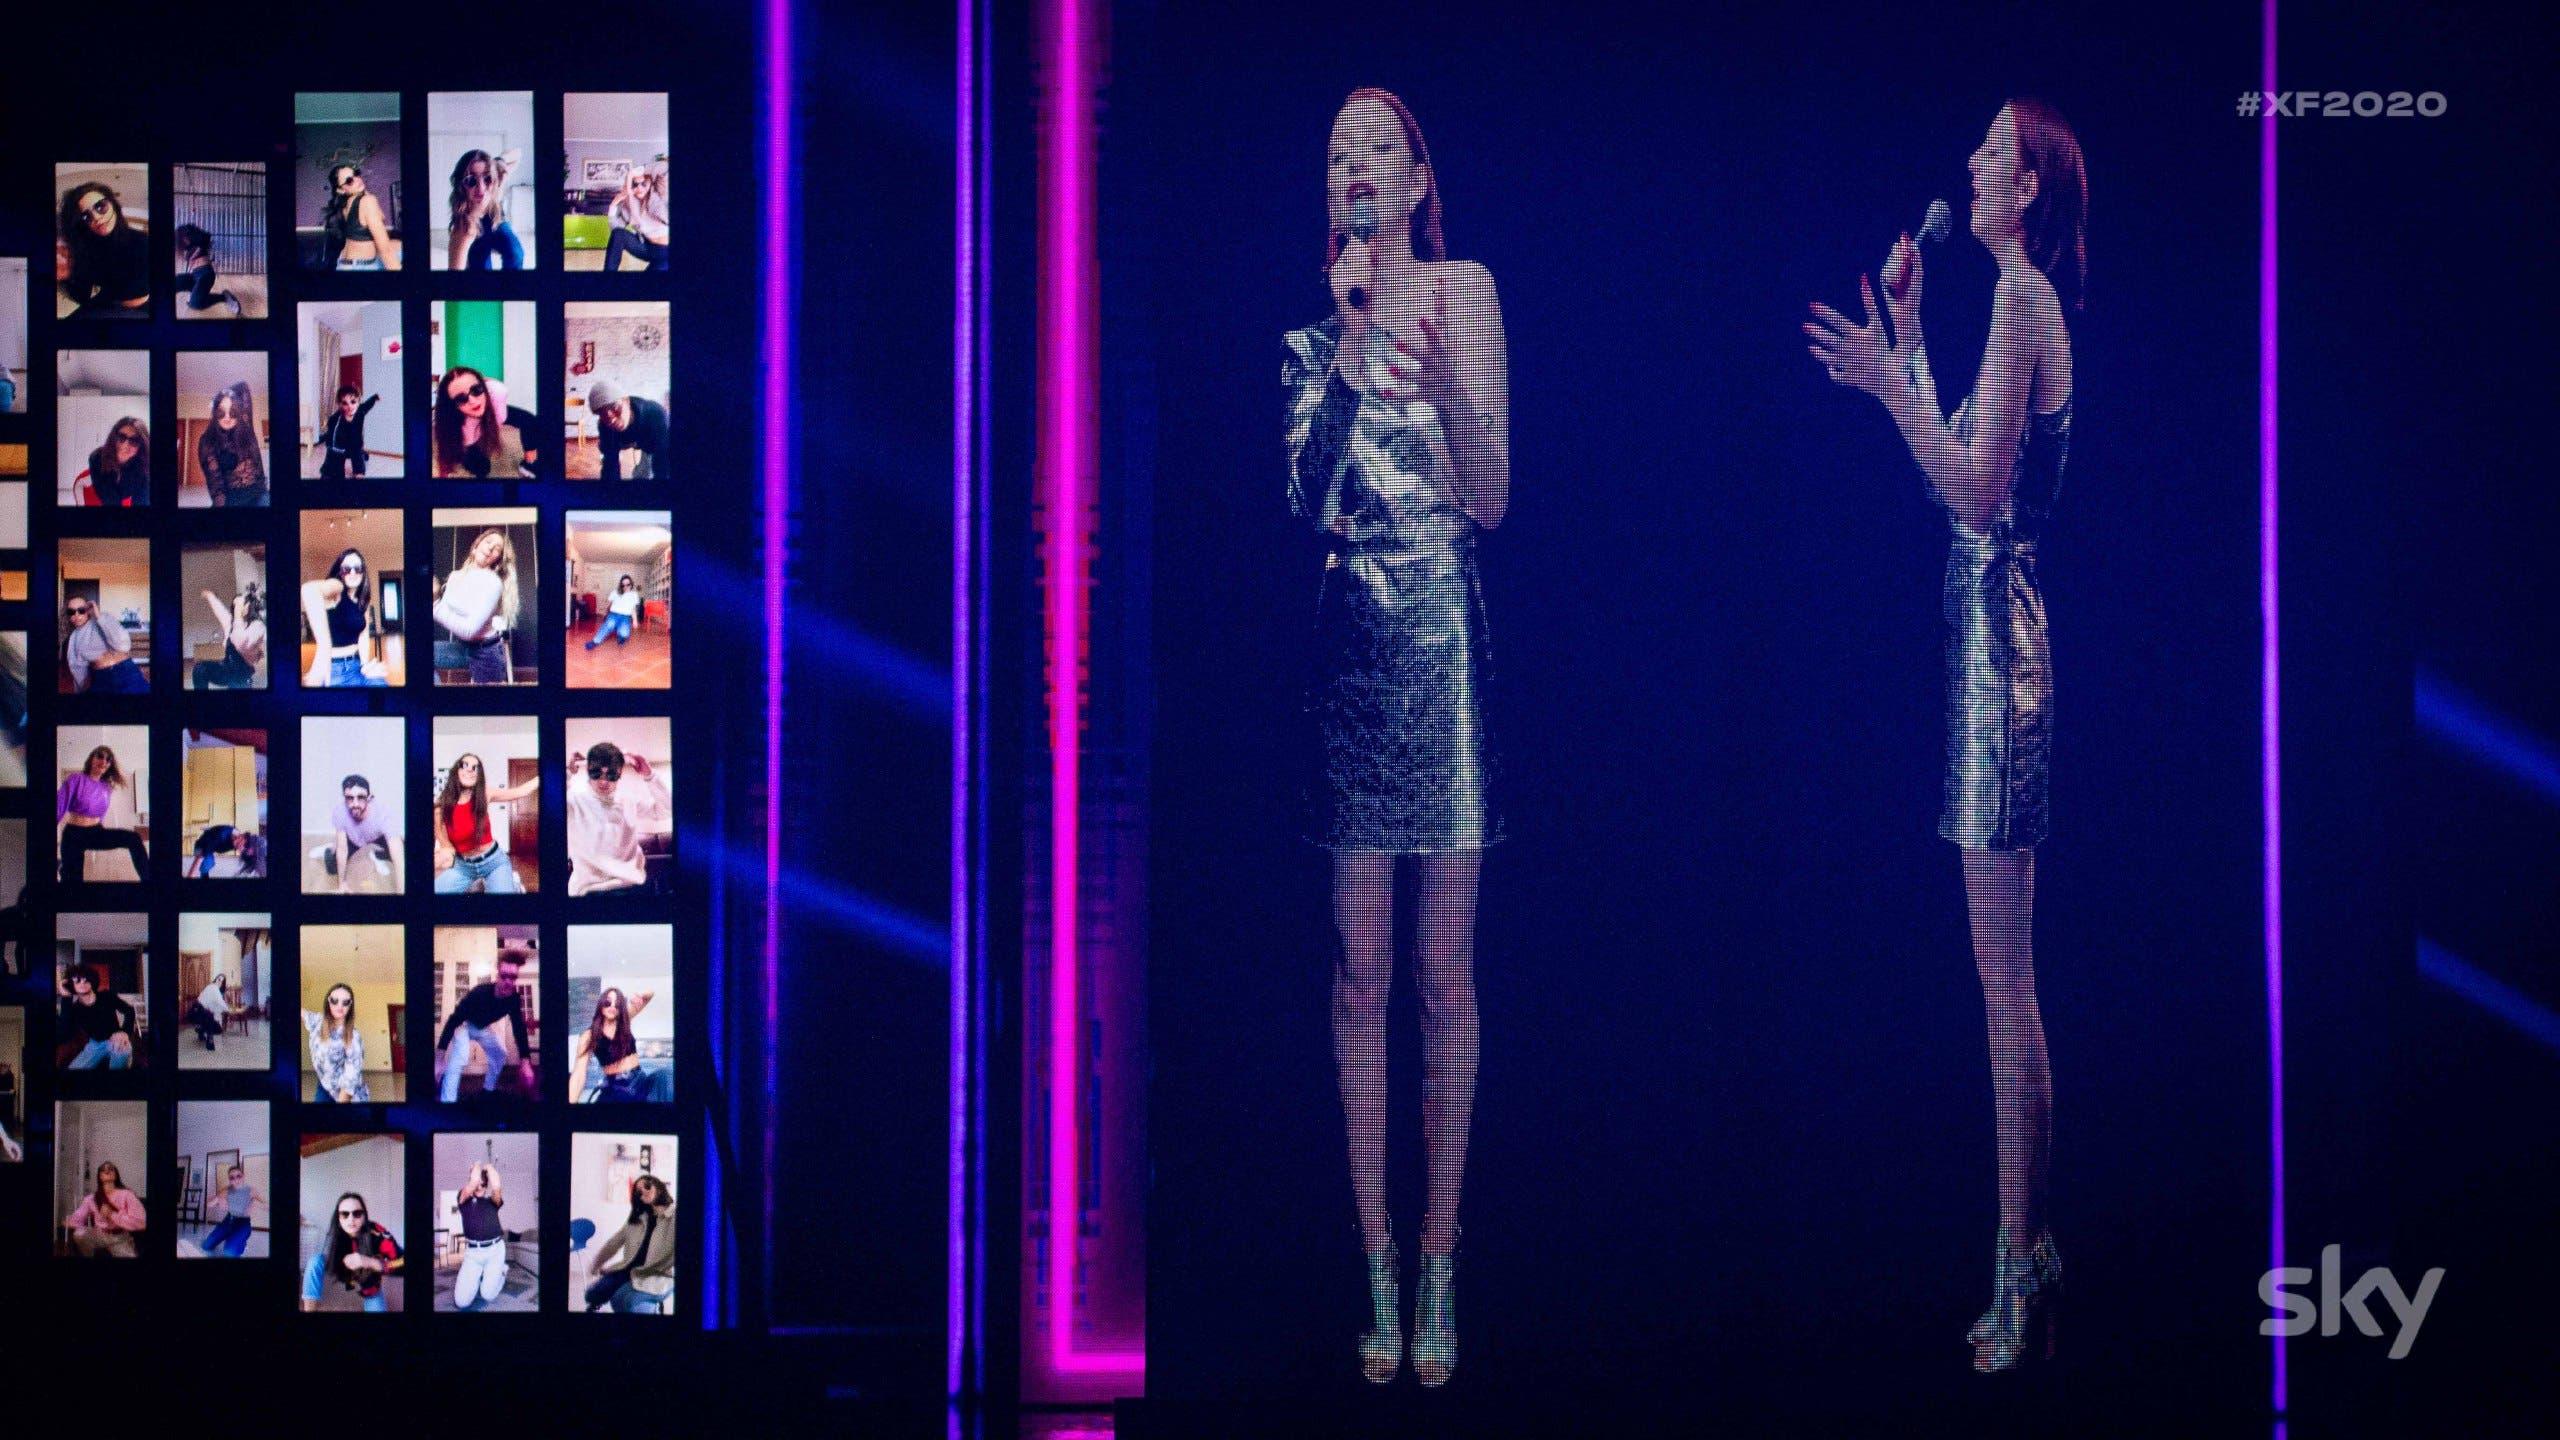 Purple Disco Machine e Sophie and the Giants virtualmente sul palco di X Factor